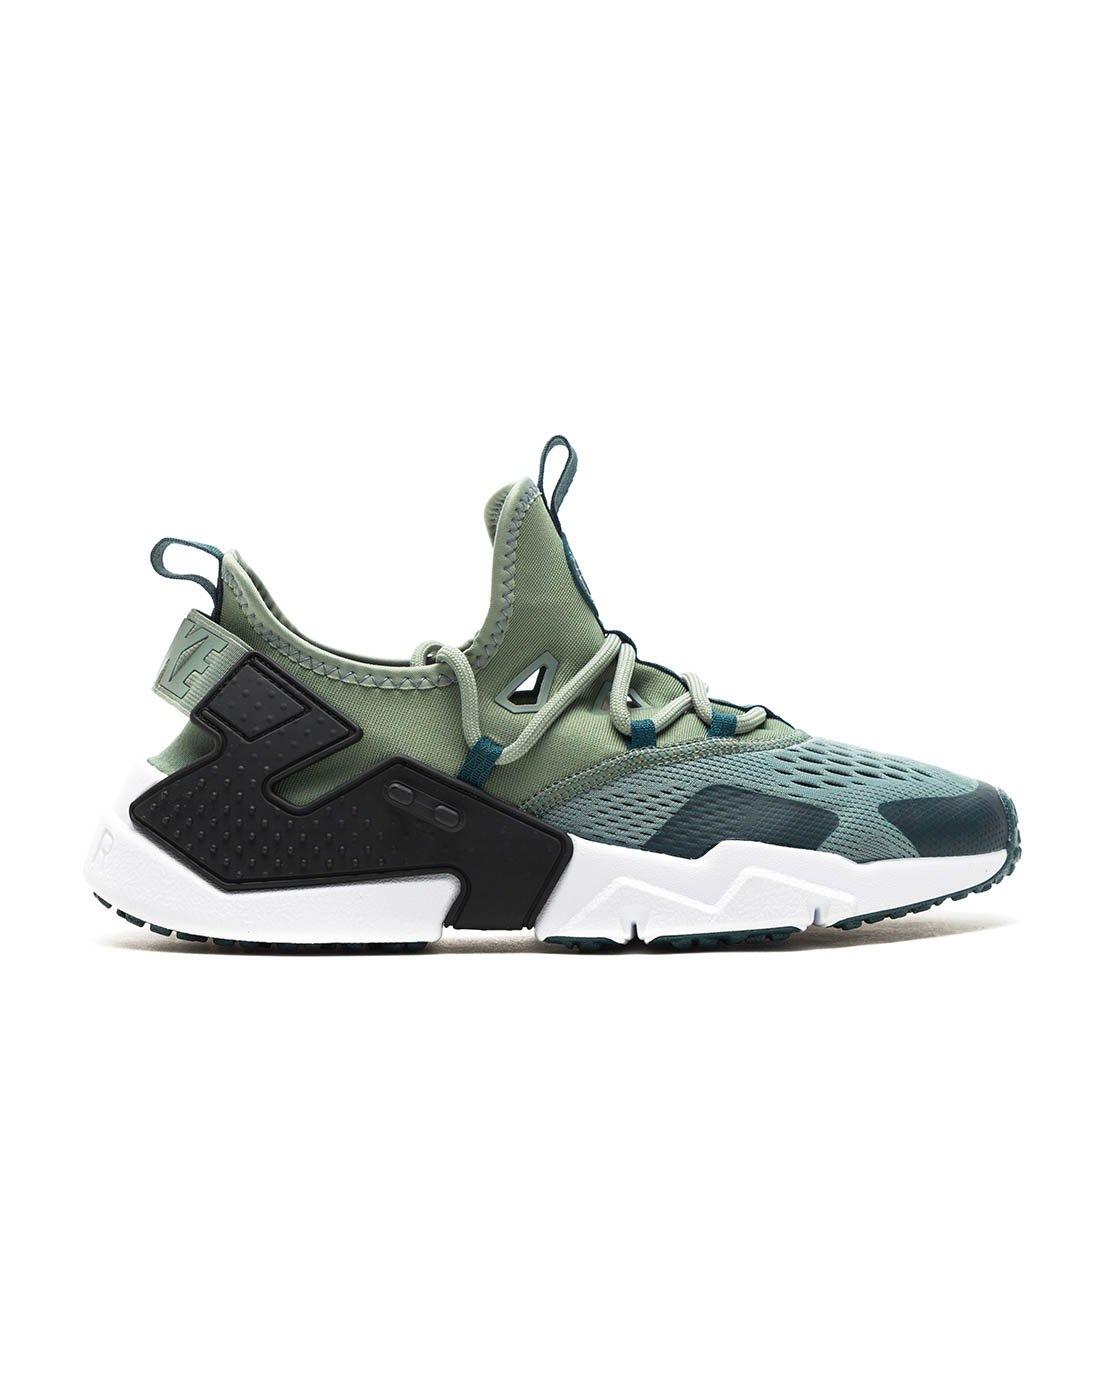 pretty nice 43069 3688d Galleon - Nike Mens Air Huarache Drift Breathe Textile Clay Green Deep  Jungle Black Trainers 10 US